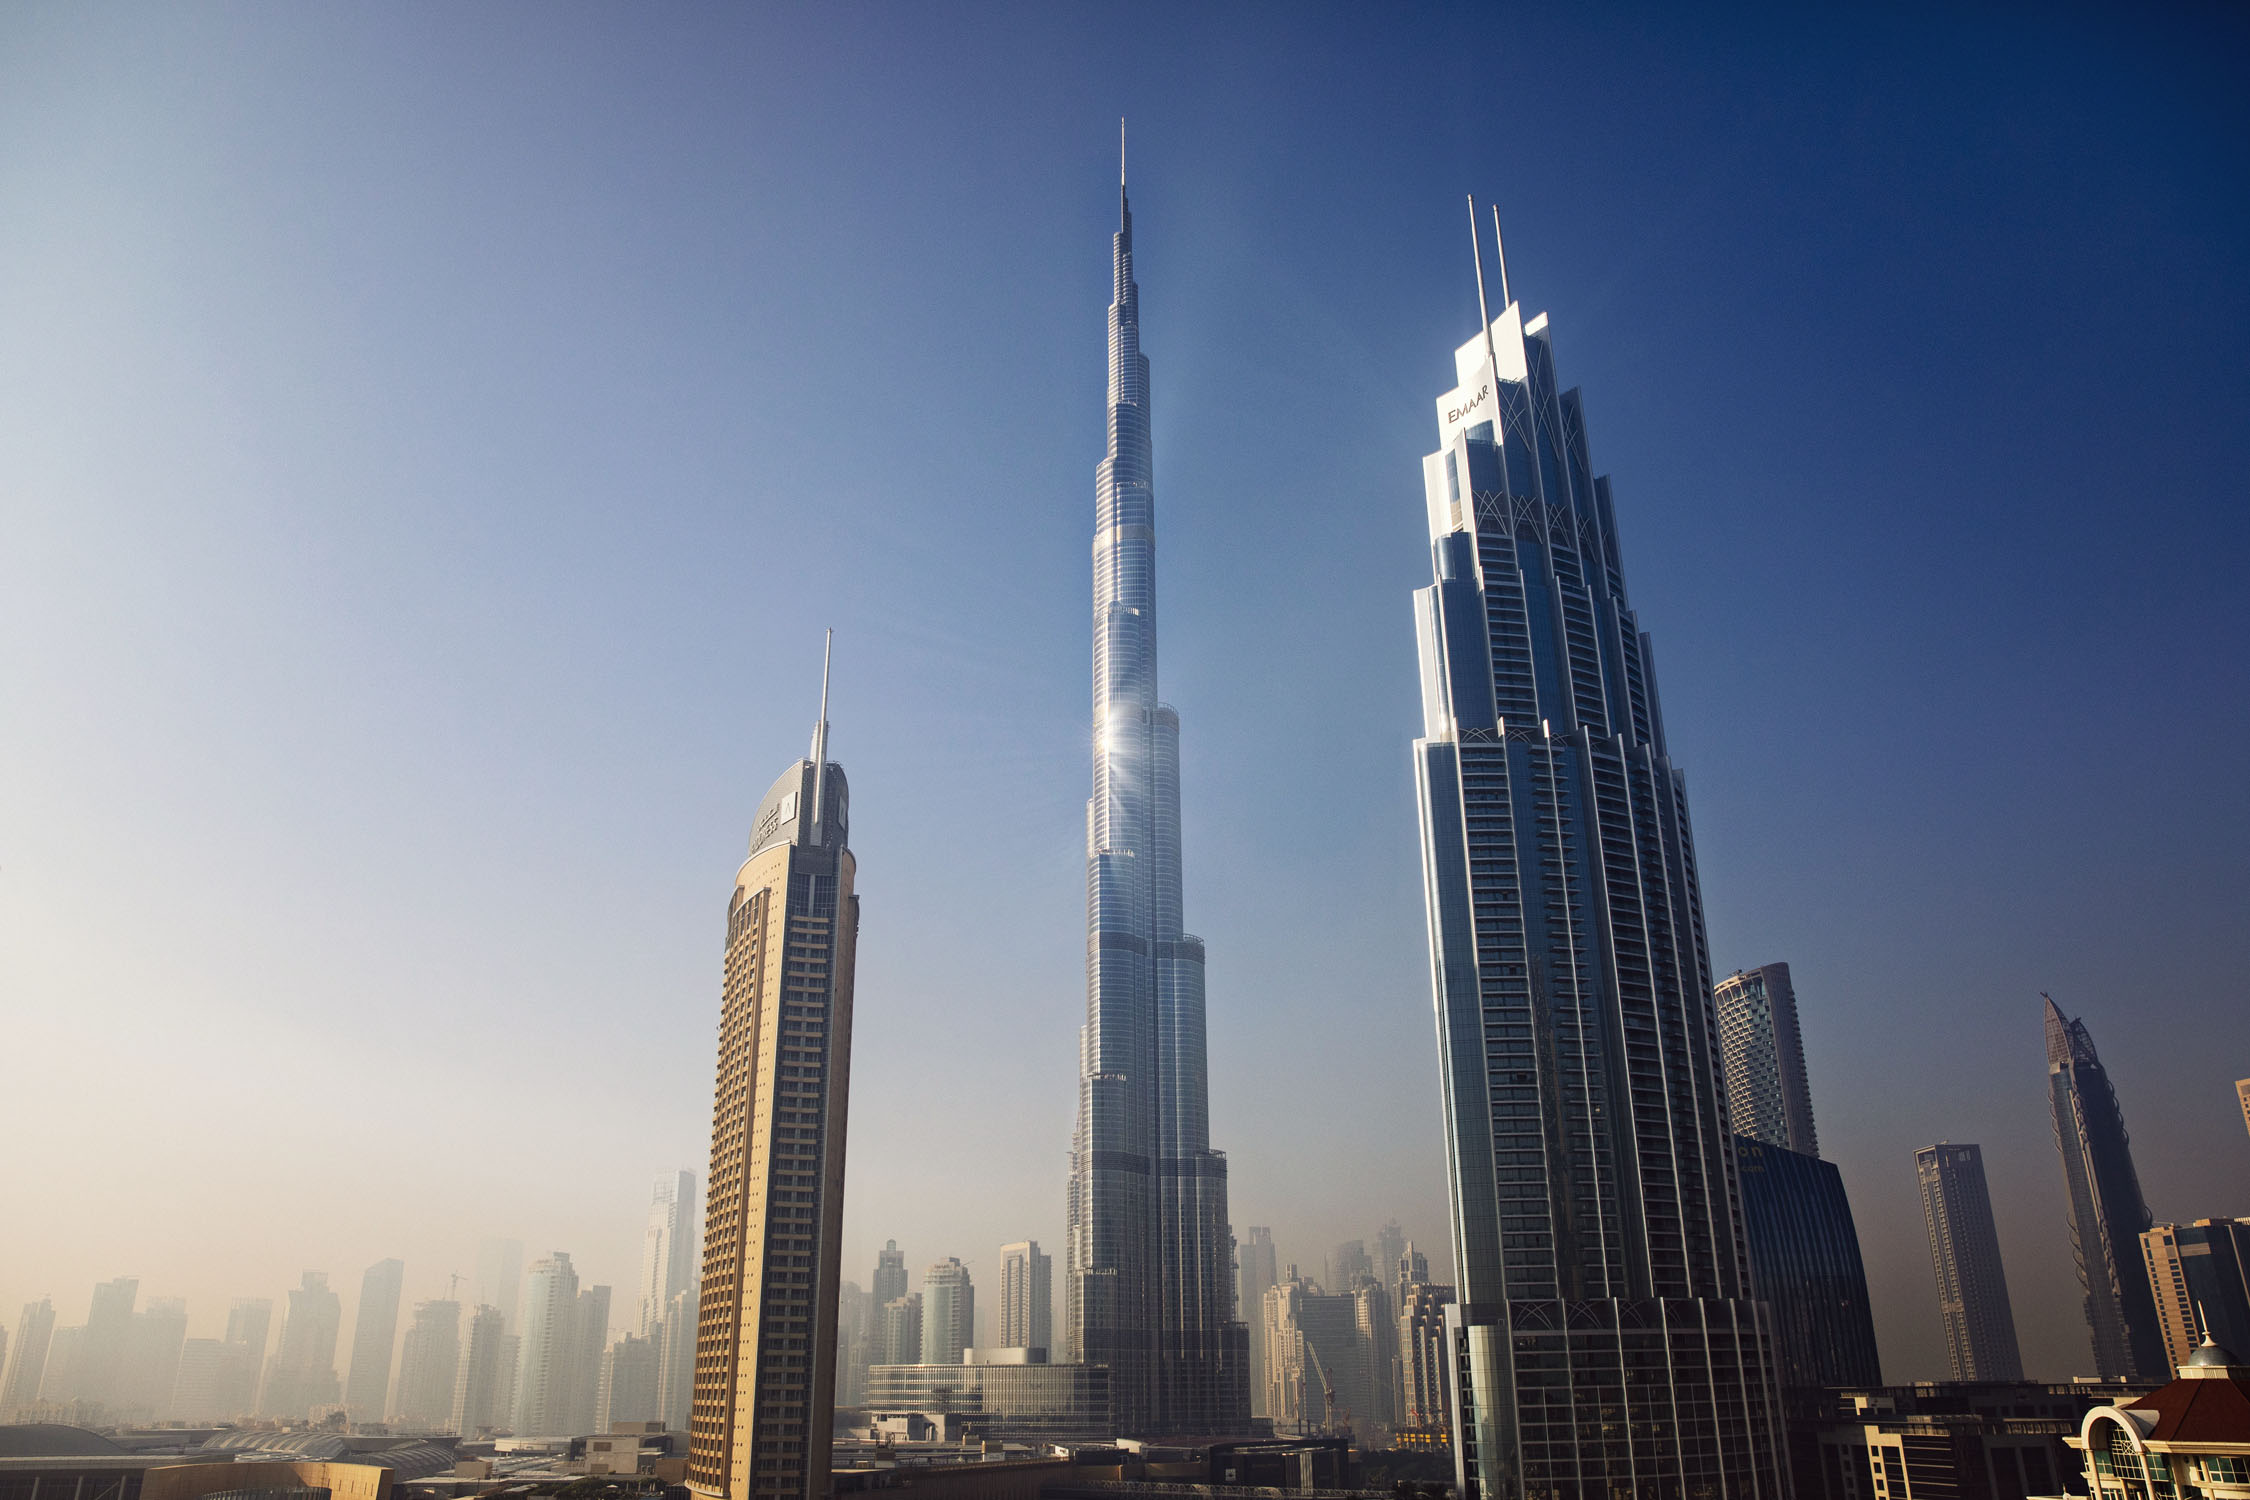 Burj Khalifa. Dubai, UAE. December 2018.